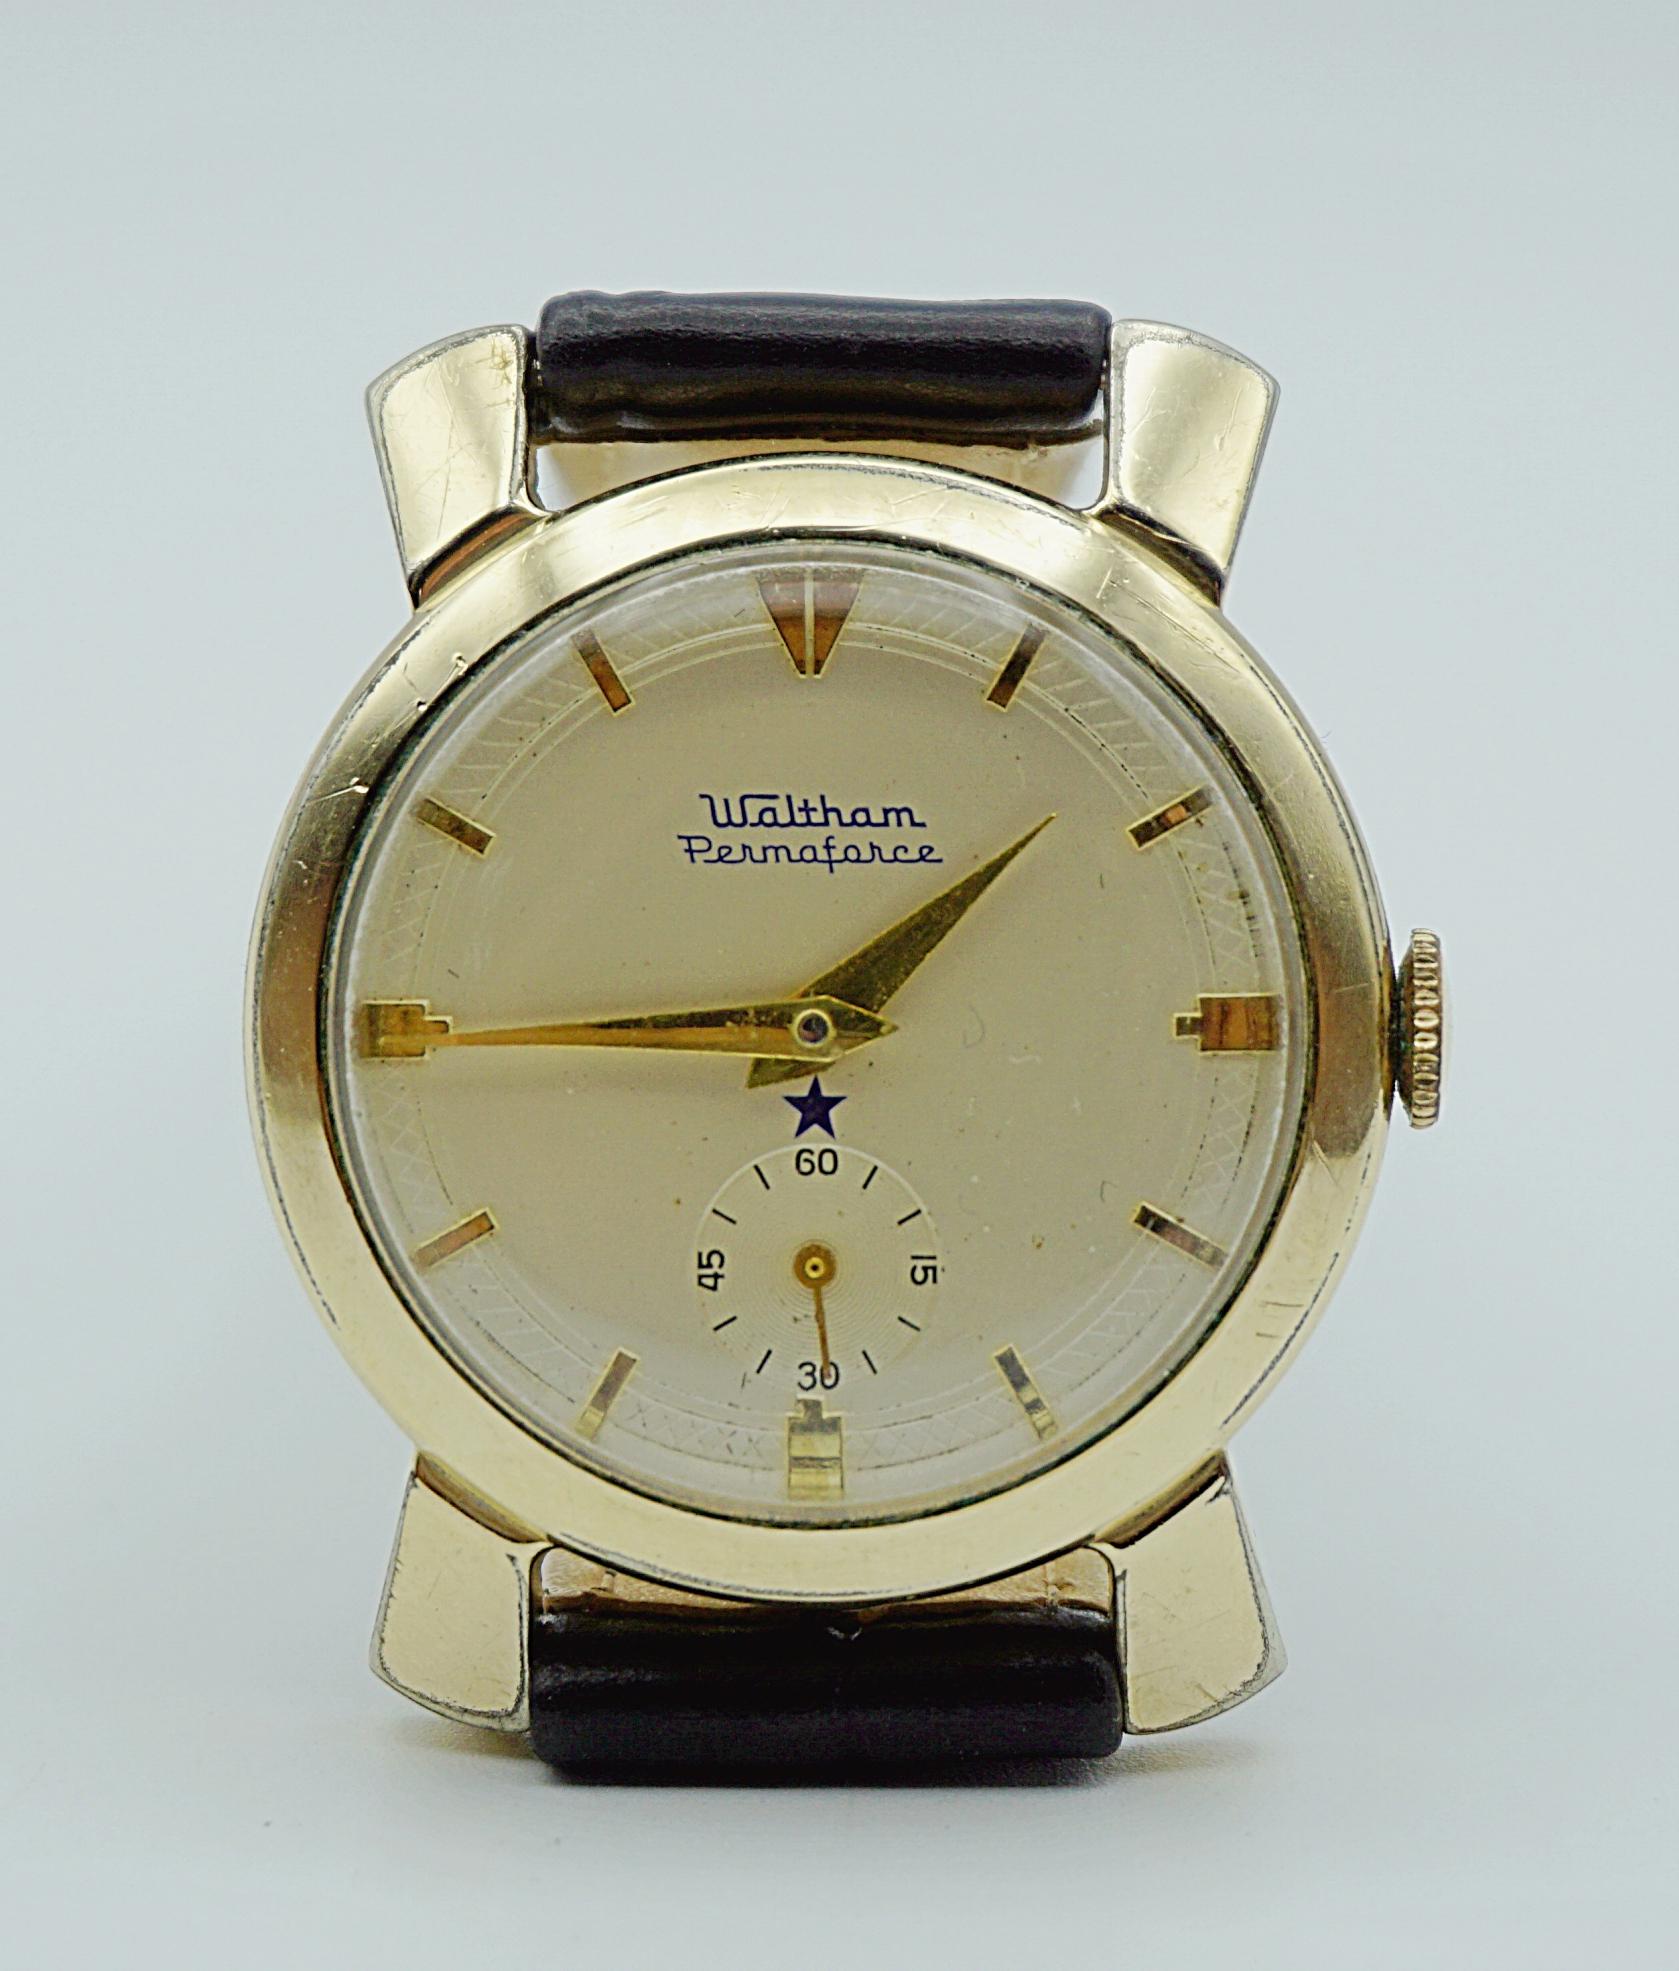 นาฬิกาเก่า WALTHAM ไขลานสองเข็มครึ่ง